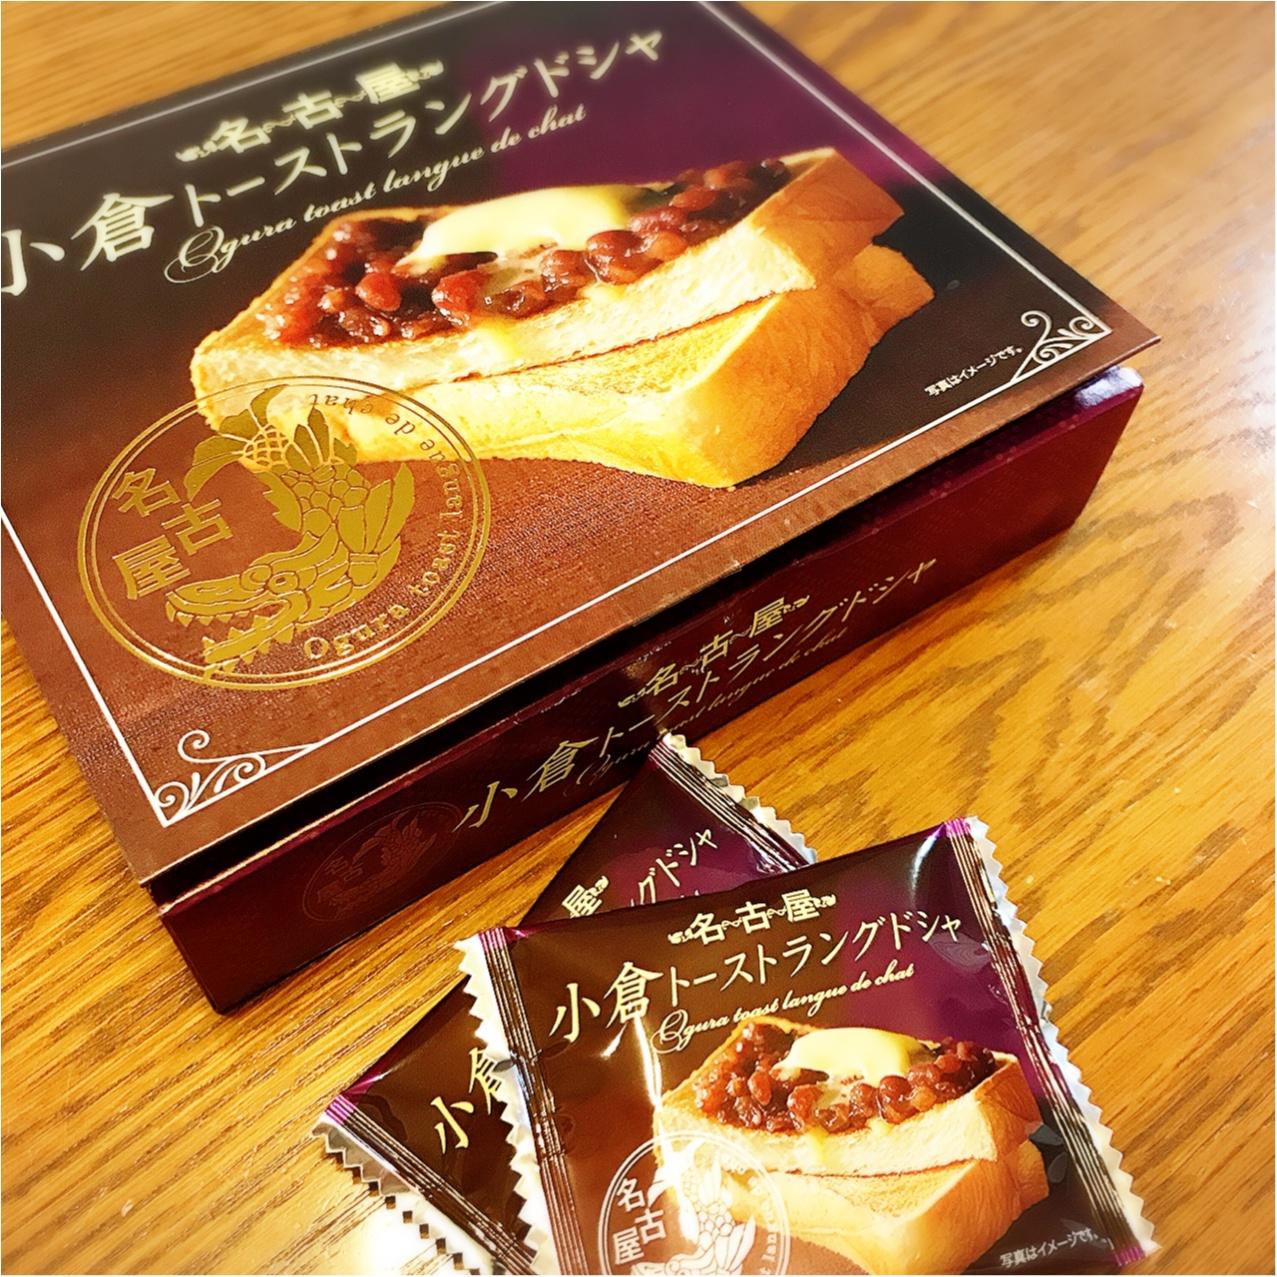 【名古屋みやげ】食べてビックリ!《小倉トーストラングドシャ》は想像を超える味♡_3